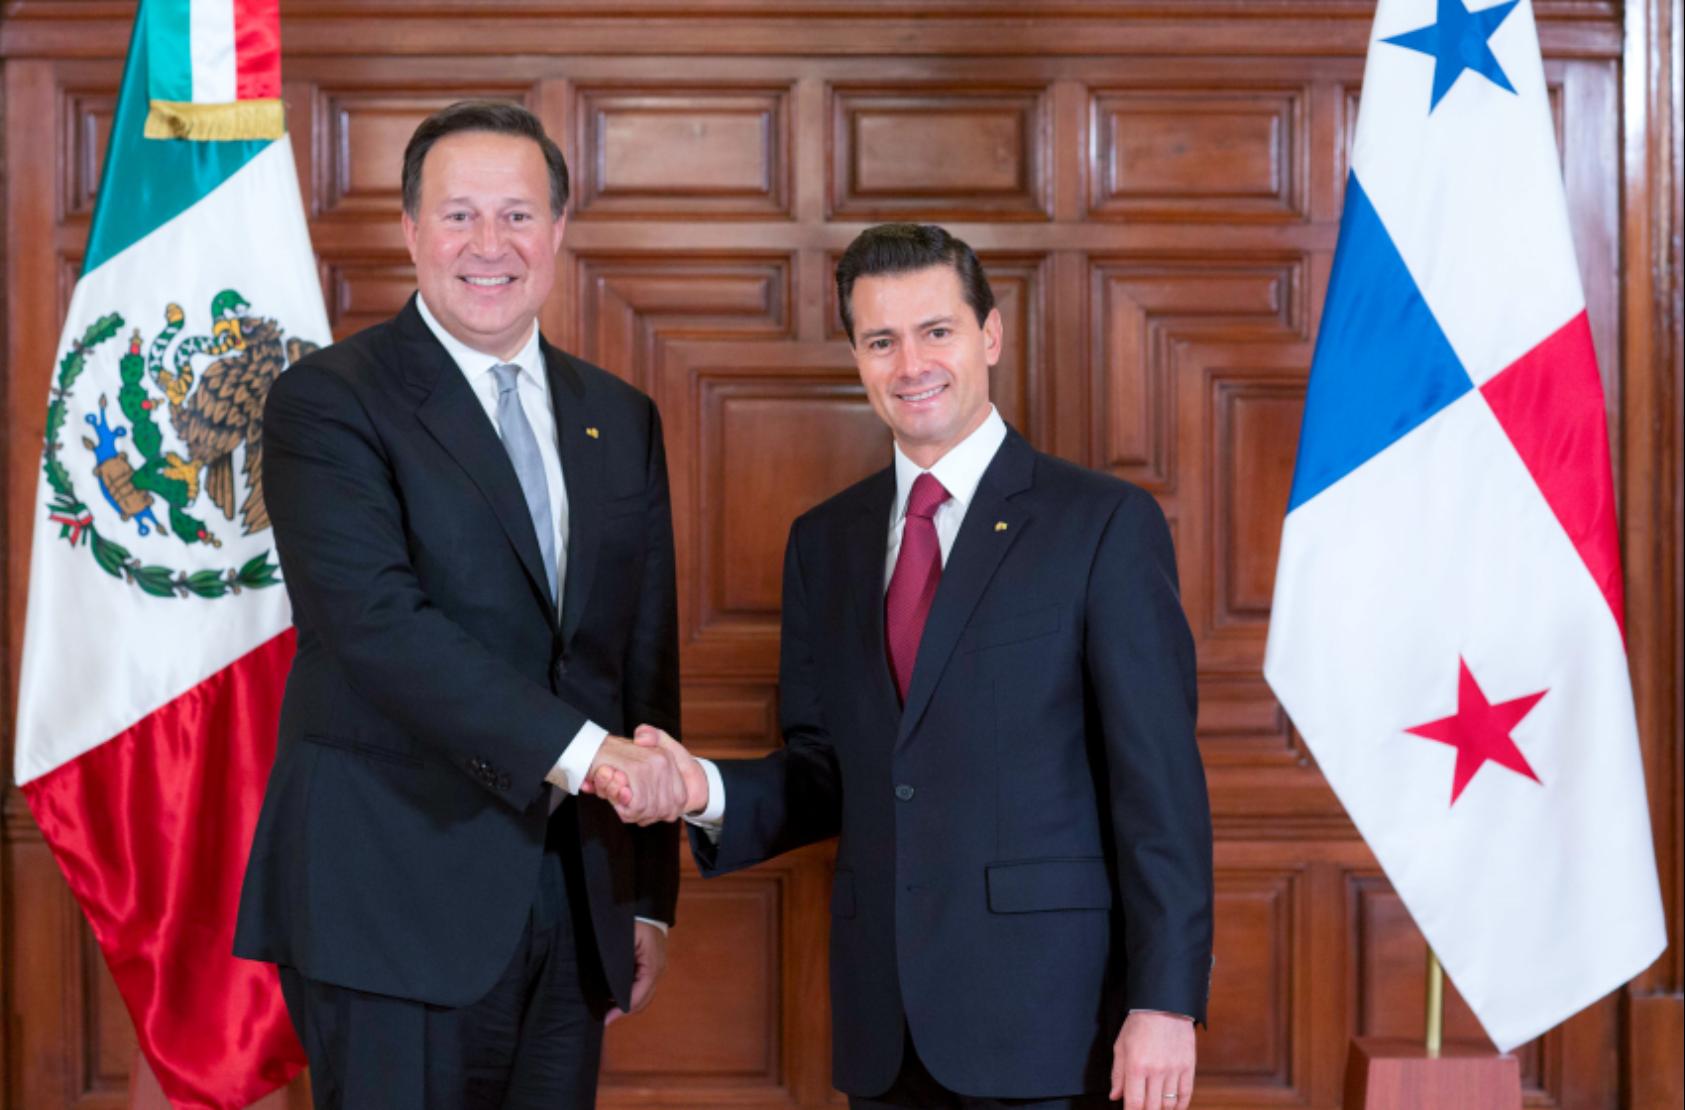 Presidente De Panamá Realiza Visita Oficial A México